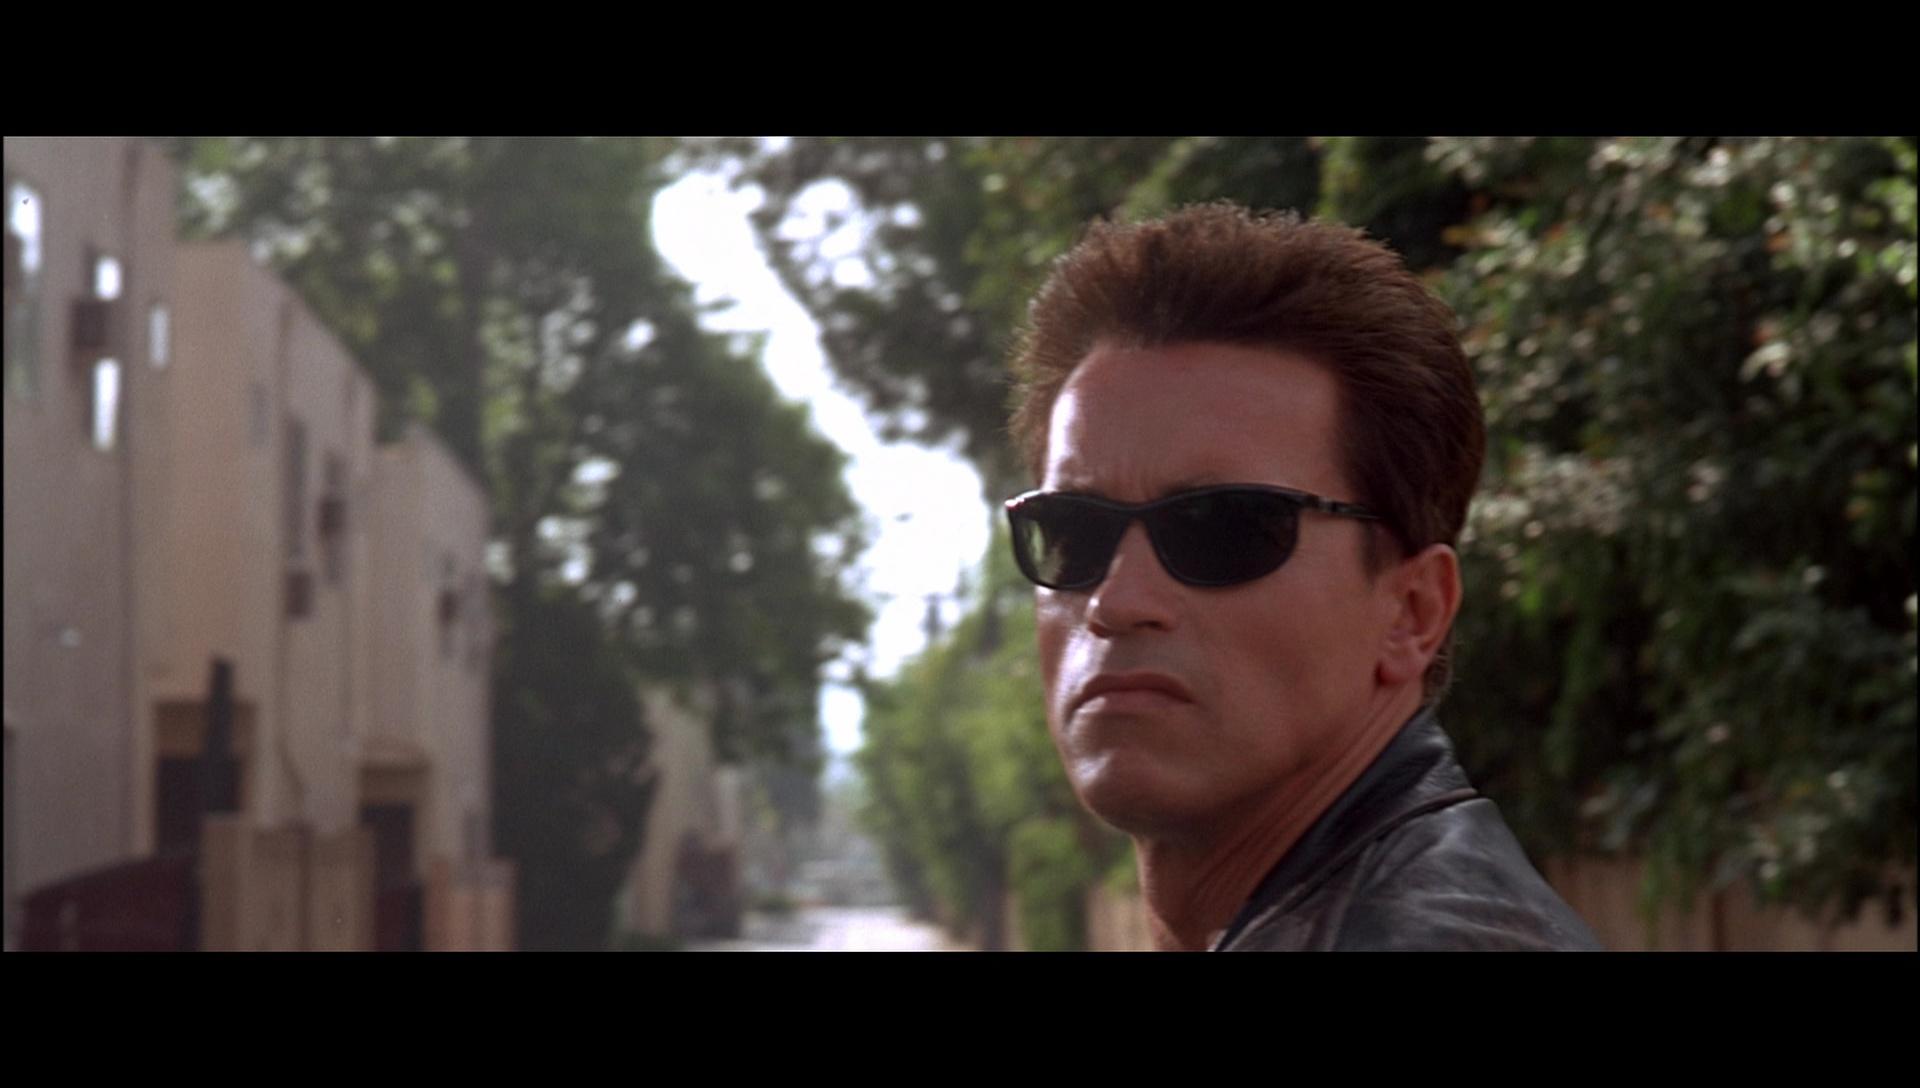 295e004f6c Persol Ratti 58230 Sunglasses Worn by Arnold Schwarzenegger in Terminator 2   Judgment Day (1991